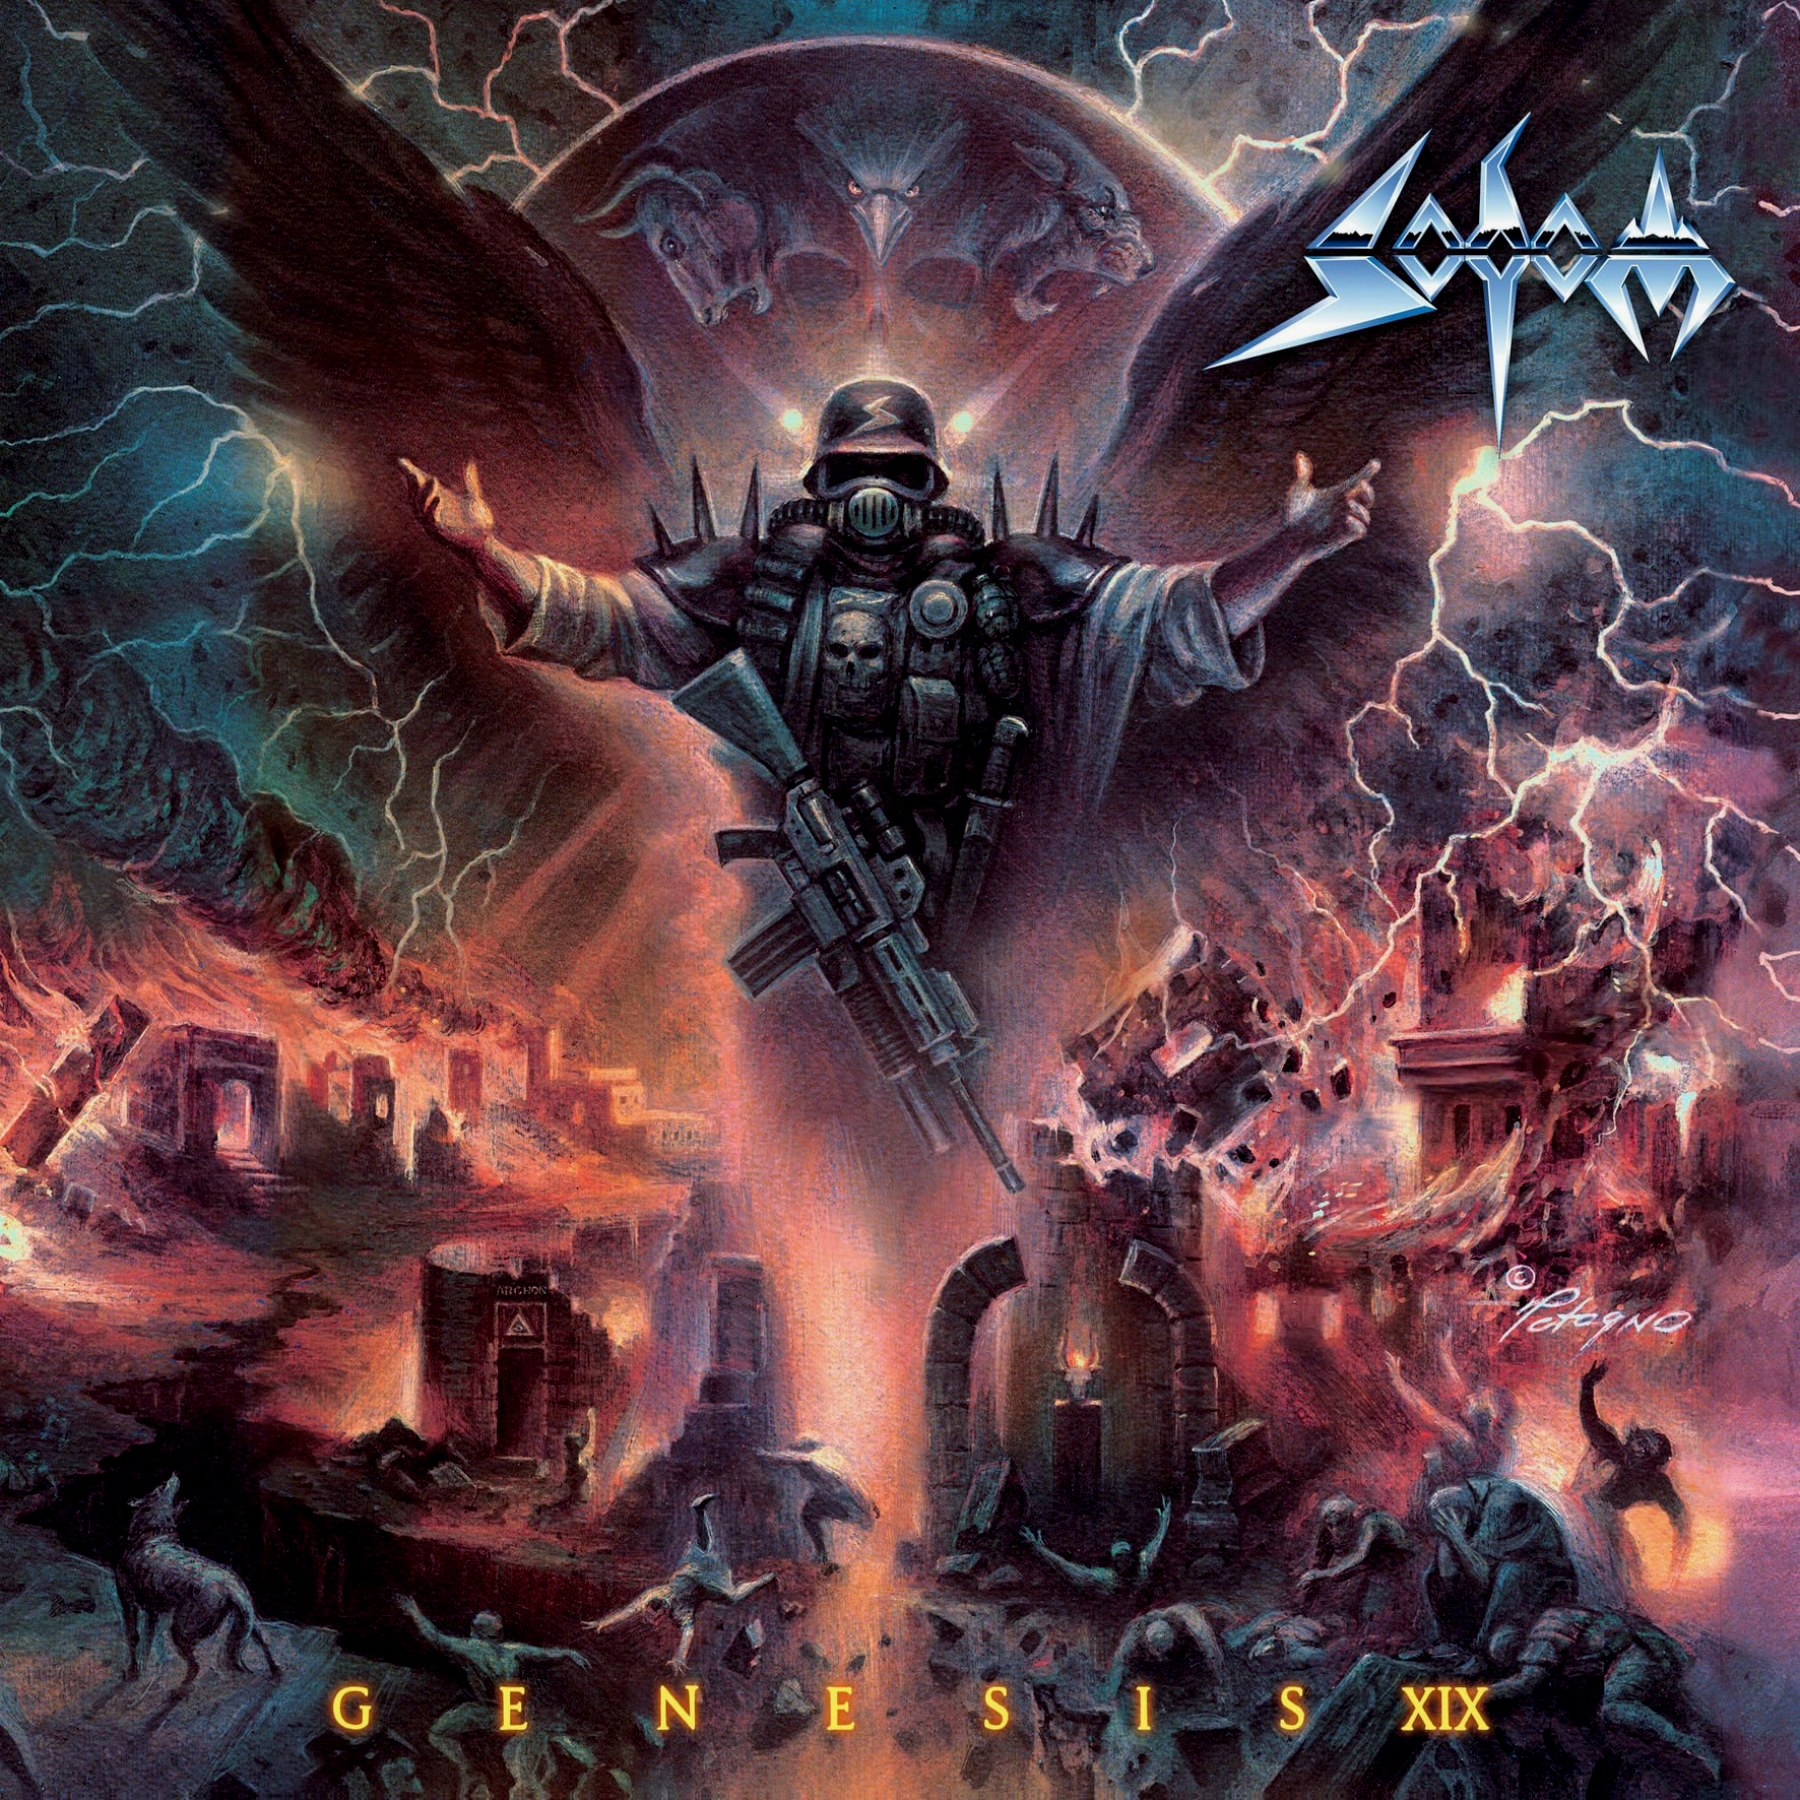 Reviews for Sodom - Genesis XIX